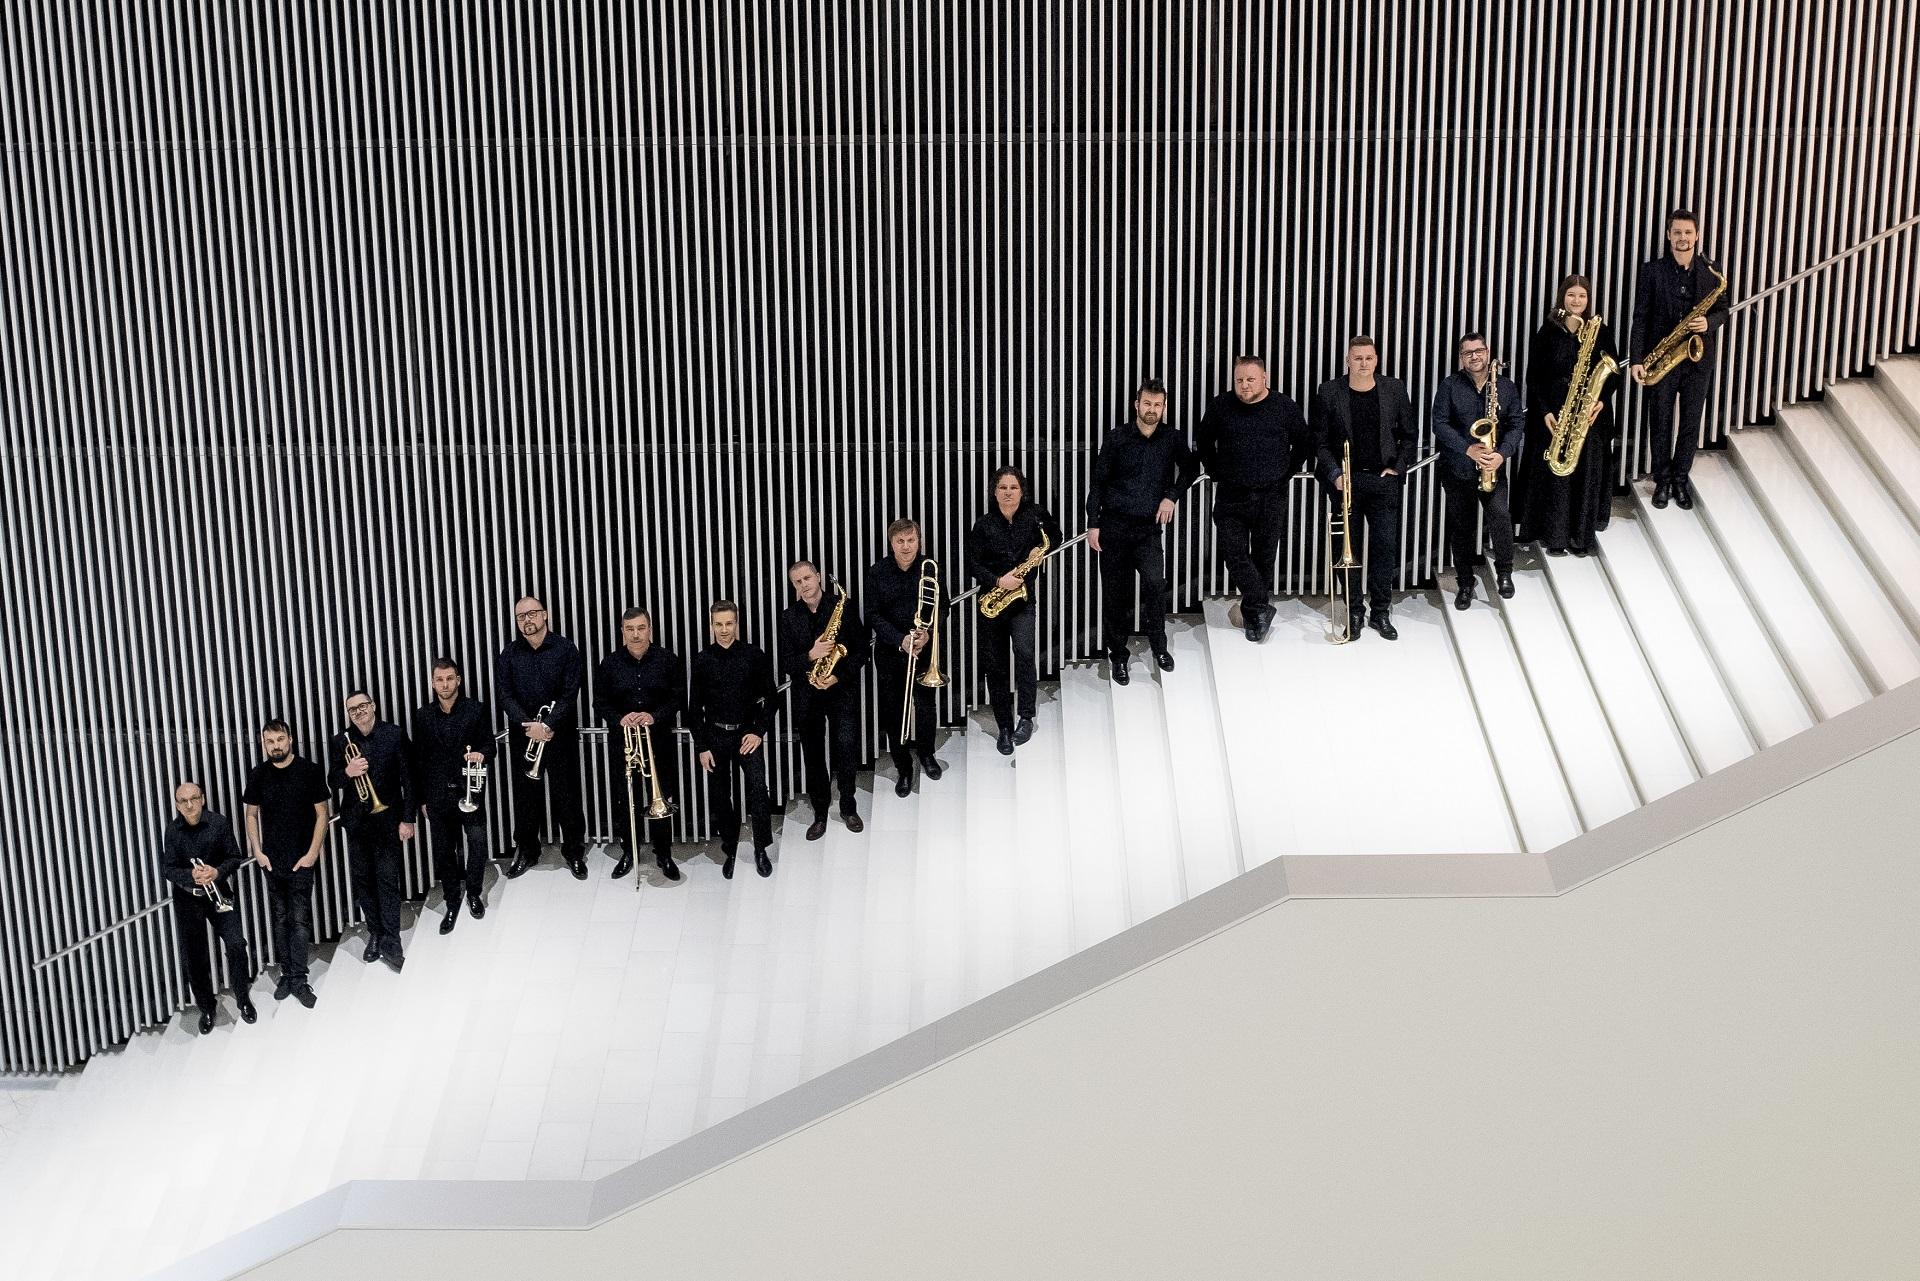 SOUNDLAB | Inspired By Bach: Kostrzewa & Szczecin Philharmonic Big Band